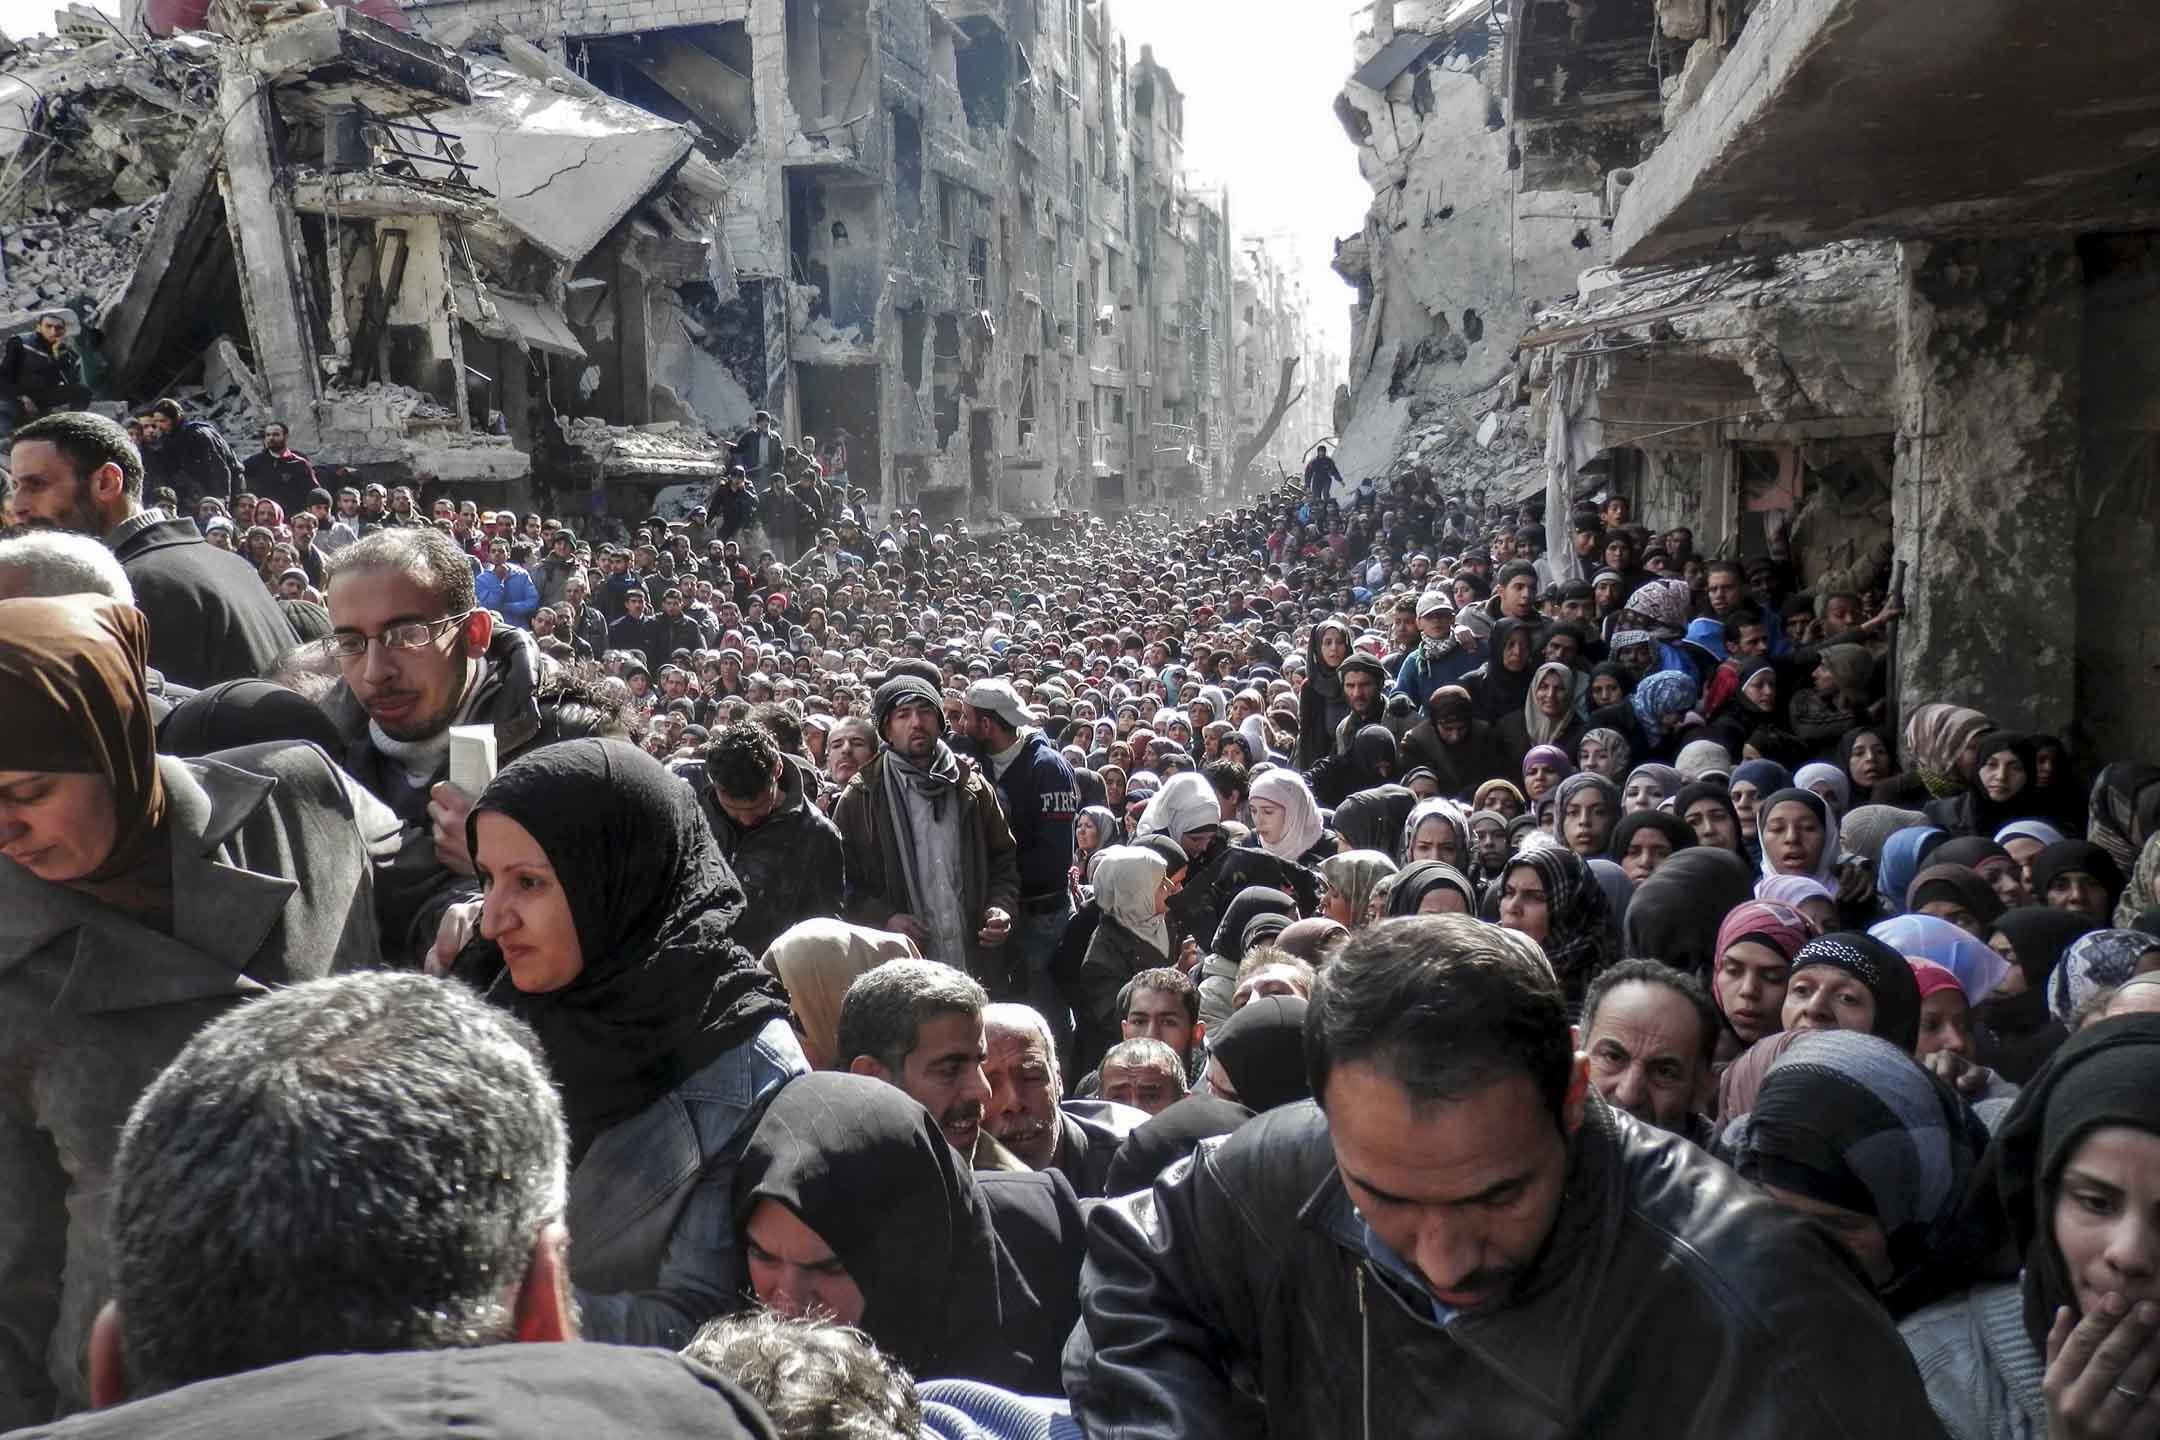 敘利亞的八年內戰,600多萬人在境內流離失所,近600萬人逃離國境,引發當代最嚴重的難民潮。圖為2014年1月31日,敘利亞大馬士革居民排隊等候難民營分發糧食援助。  攝:United Nation Relief and Works Agency via Getty Images